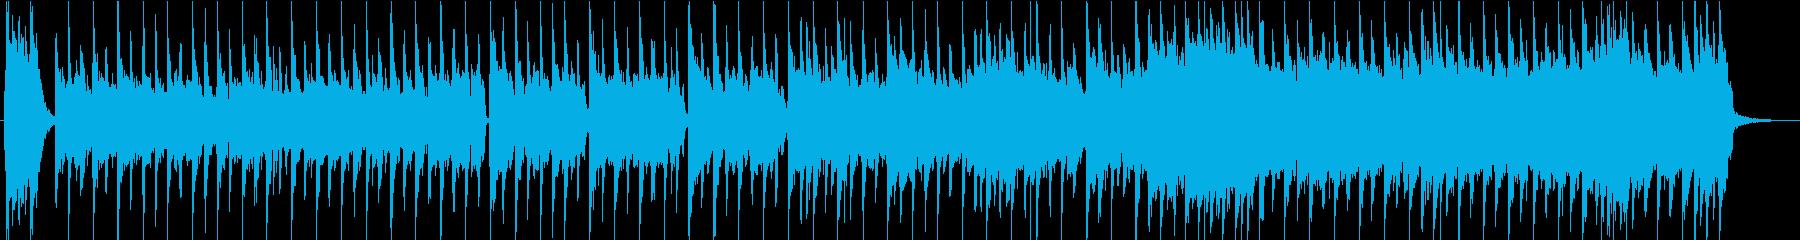 ポップロックインスト。エッジの効い...の再生済みの波形